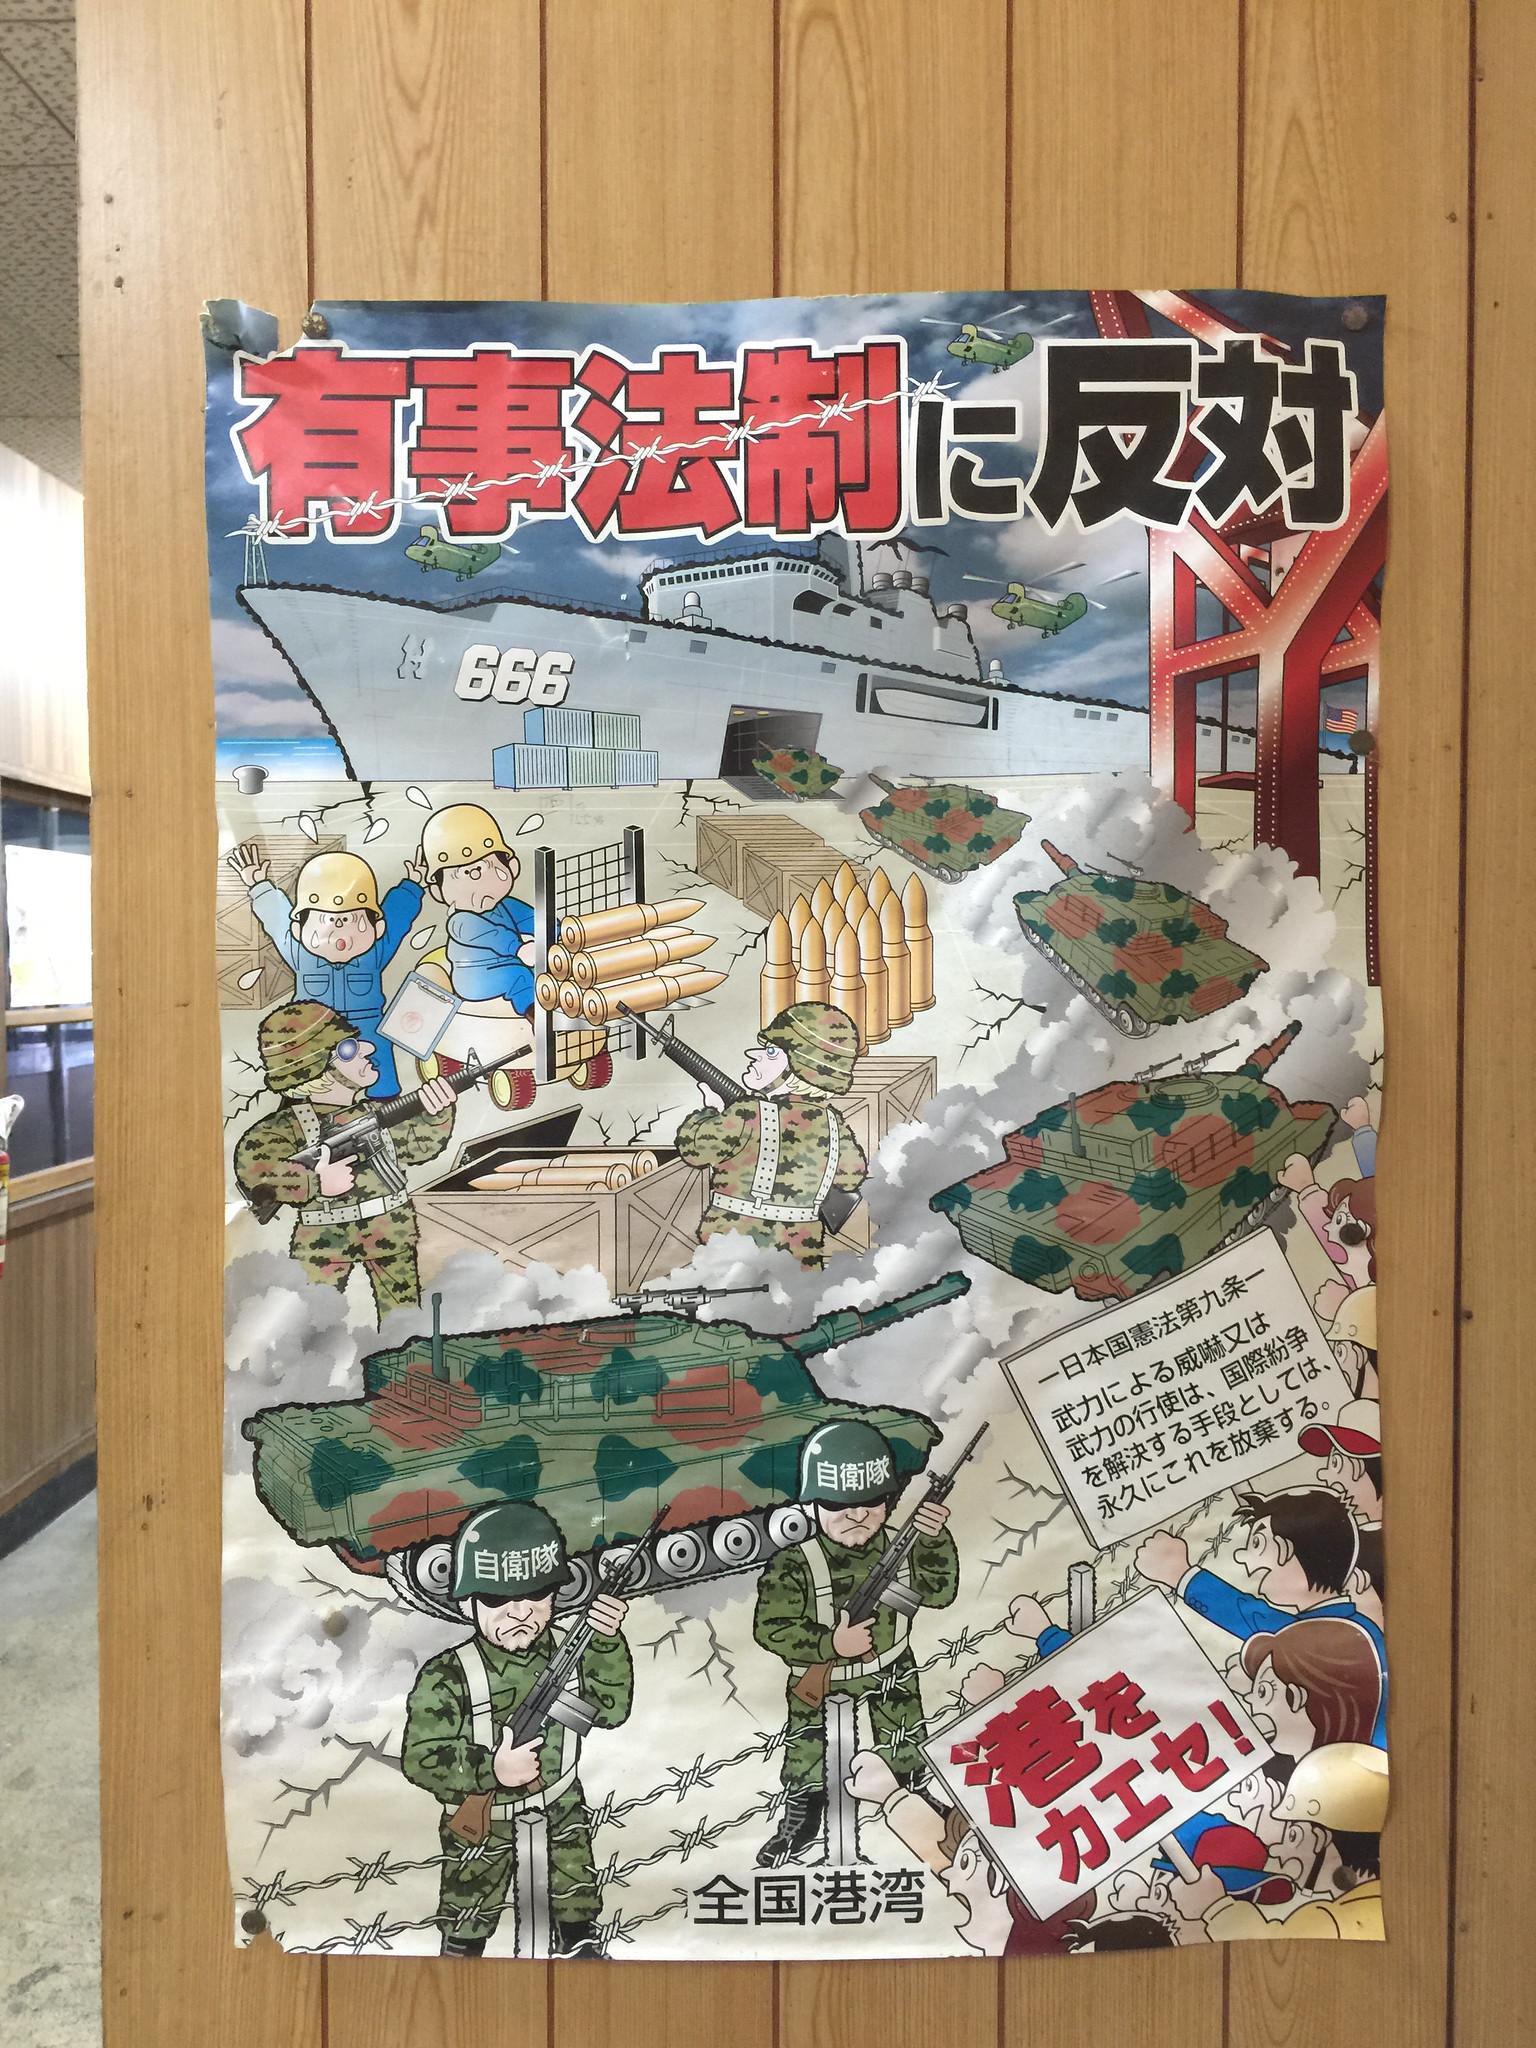 全港灣工會外的海報,反對修改日本第九條和平憲法。(攝影:王顥中)